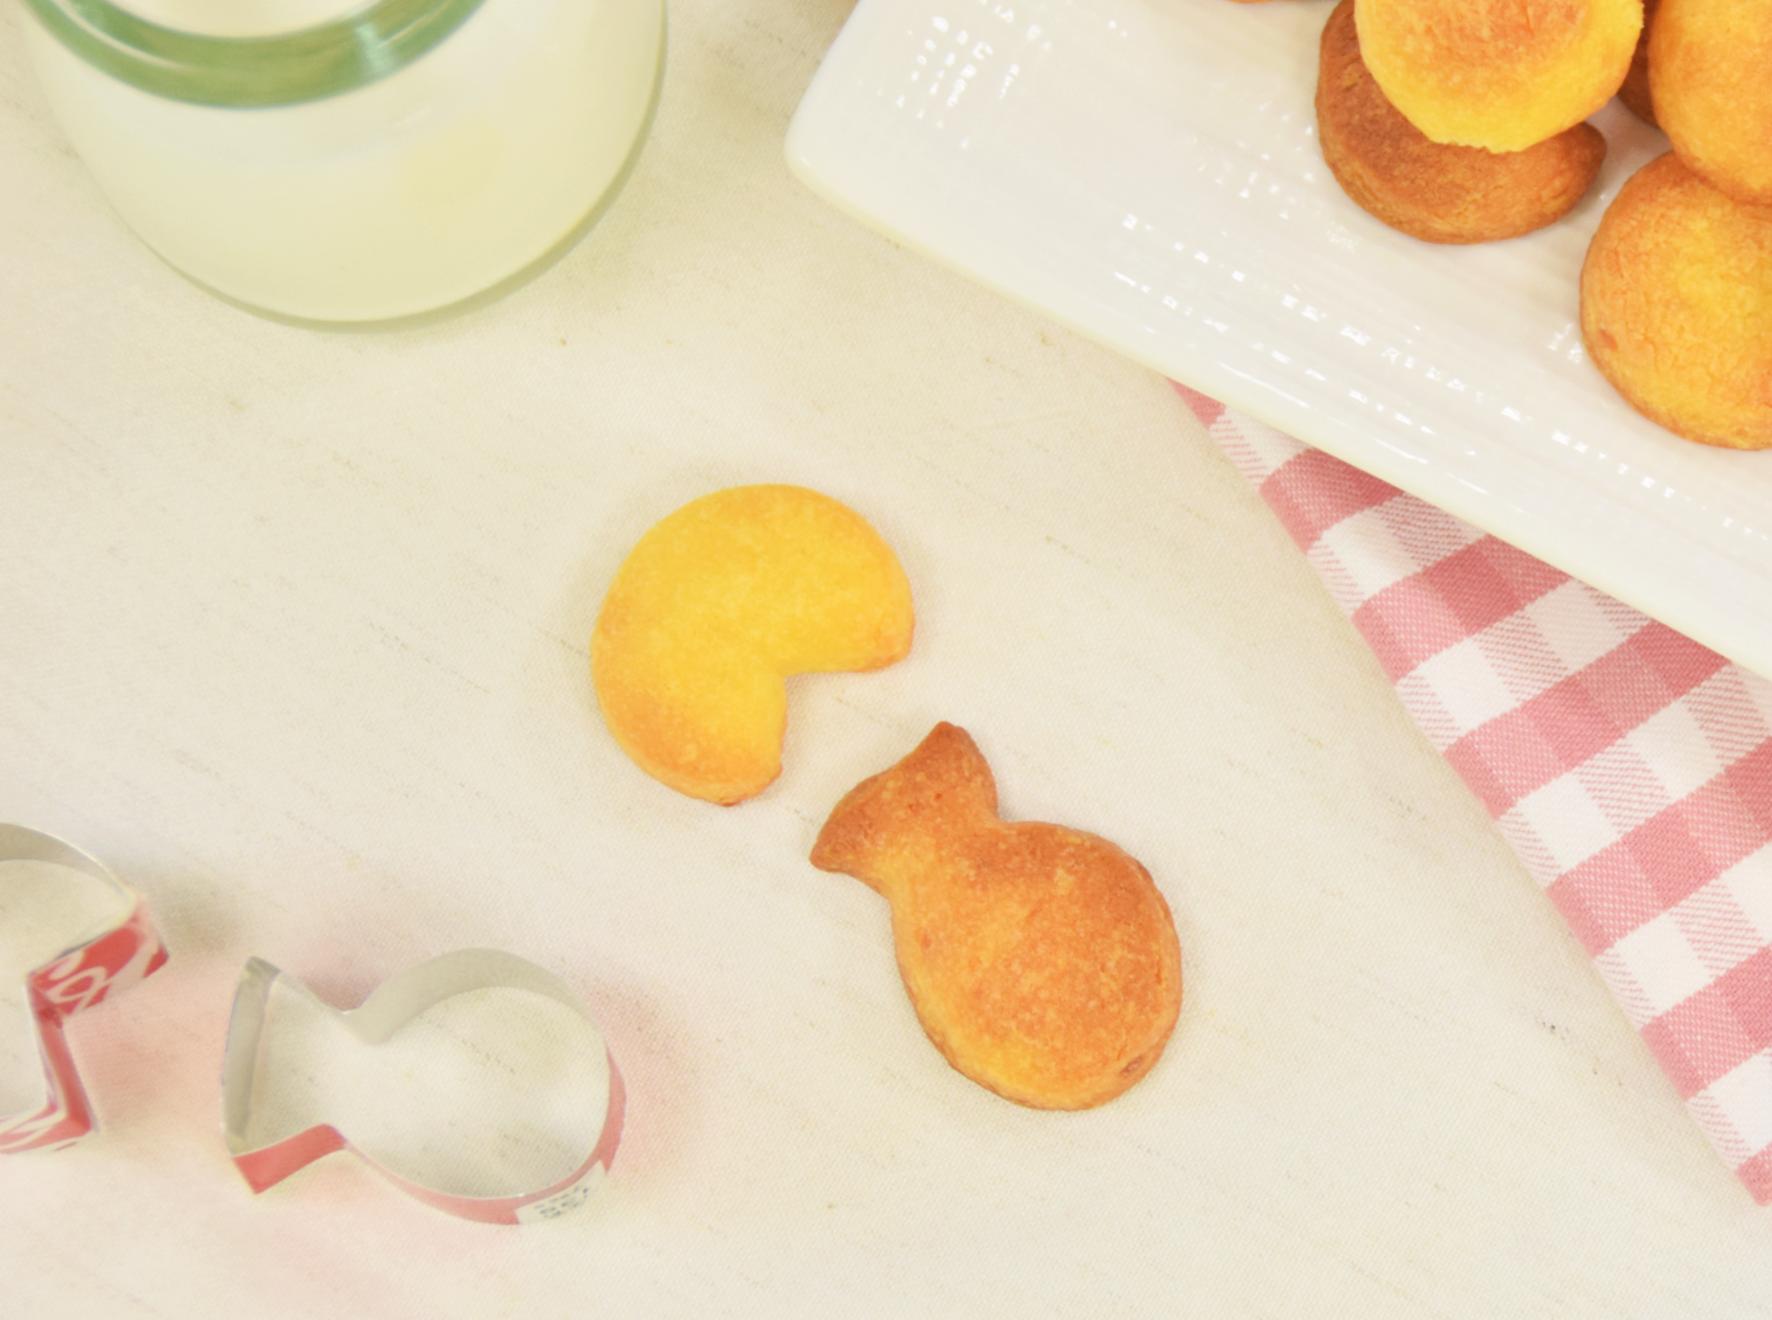 餅乾模型DIY - 小精靈篇